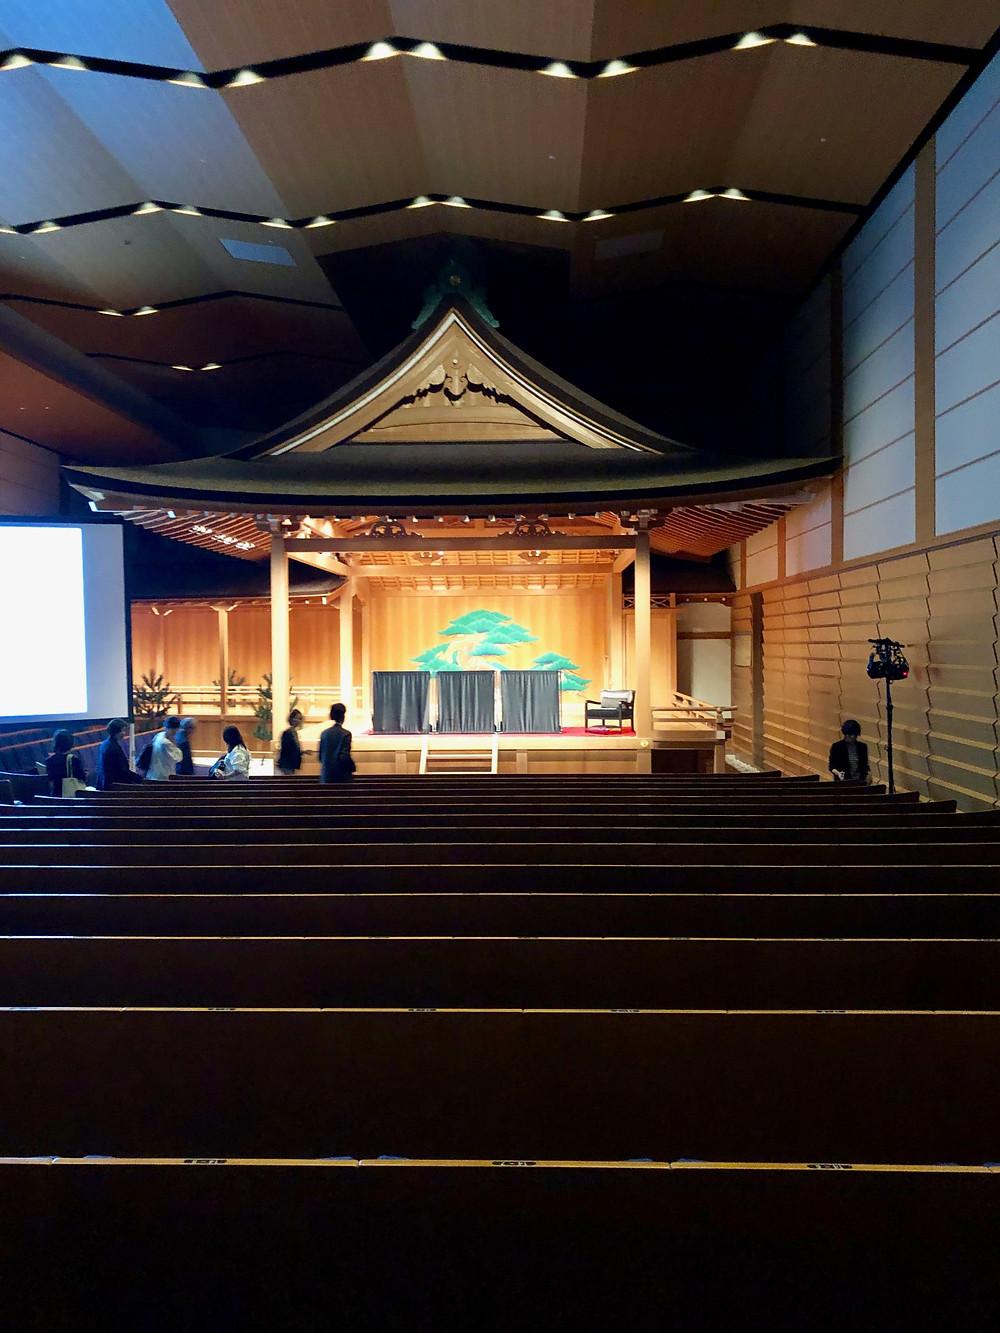 銀座シックスの観世能楽堂。ここでカーテンの新作発表会が行われました。ブログ